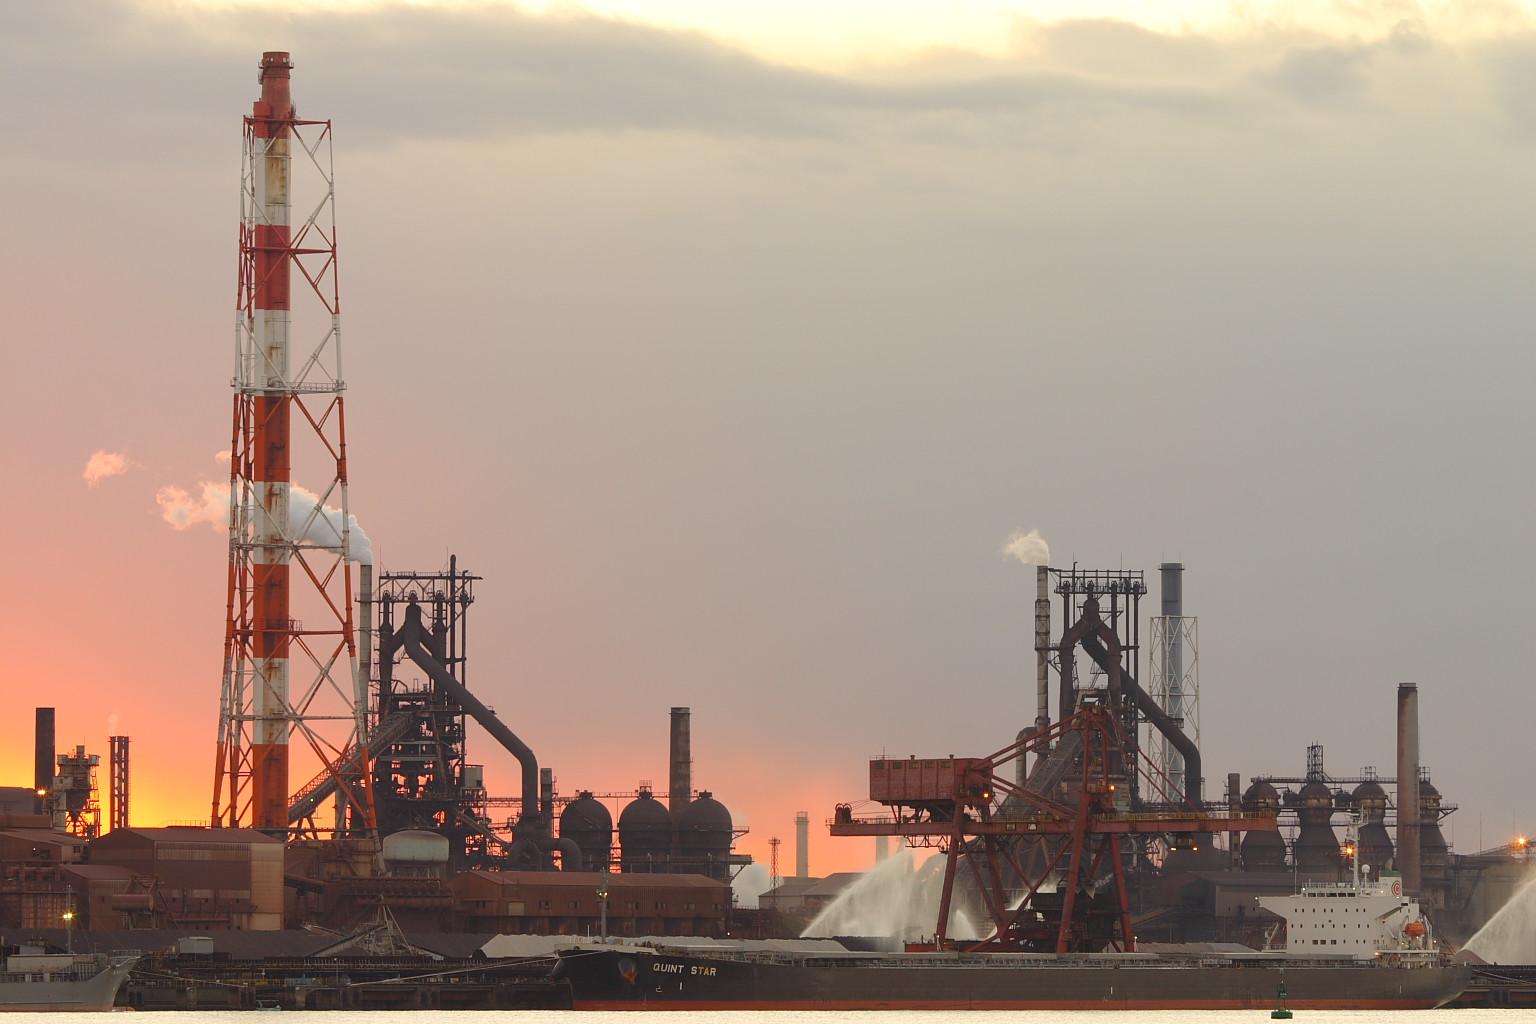 新日本製鐵君津製鐵所 : SHIP PHOTO